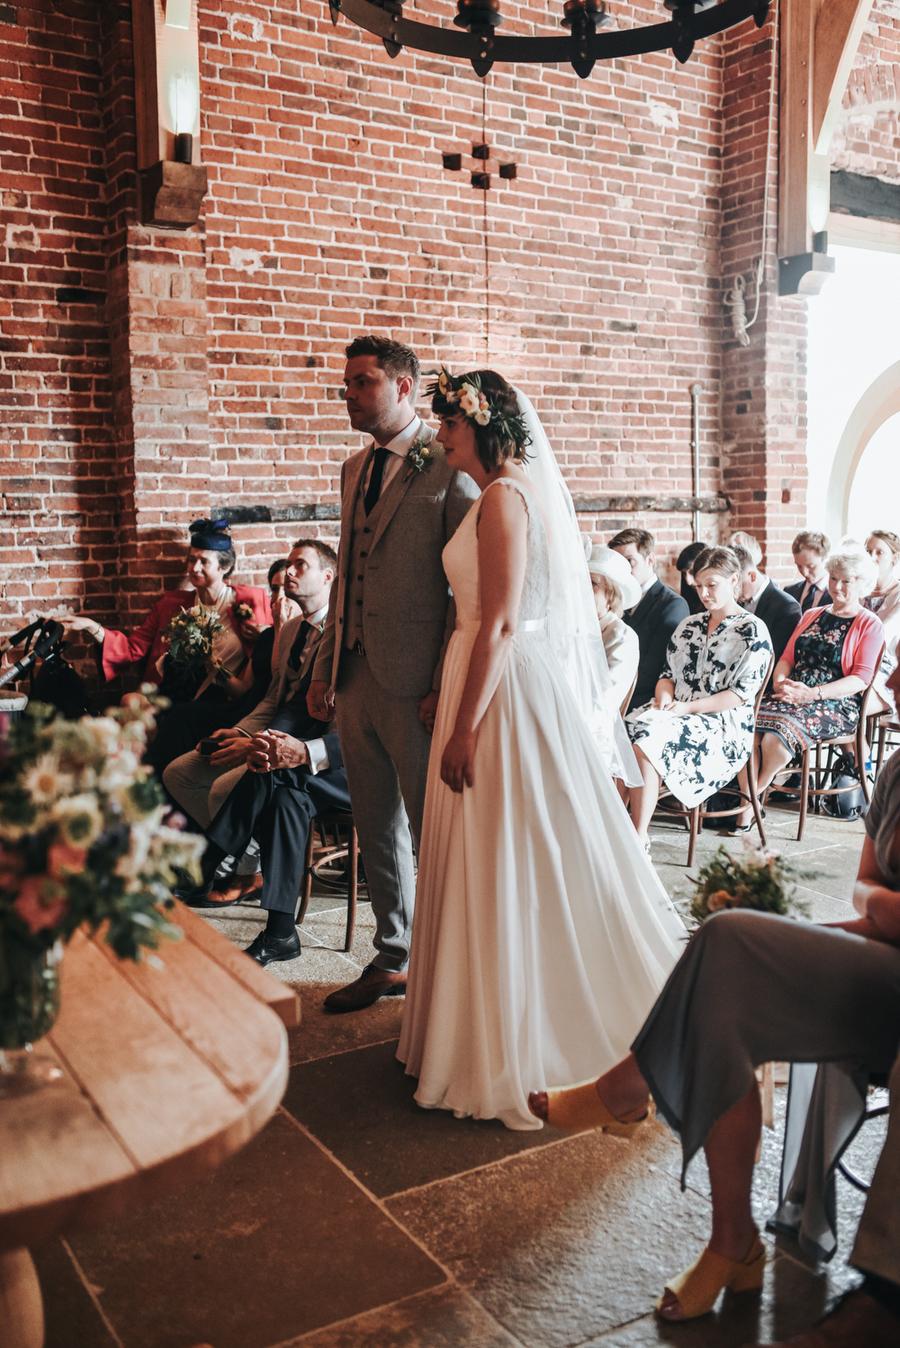 Real Wedding, Bride, Groom, Ceremony